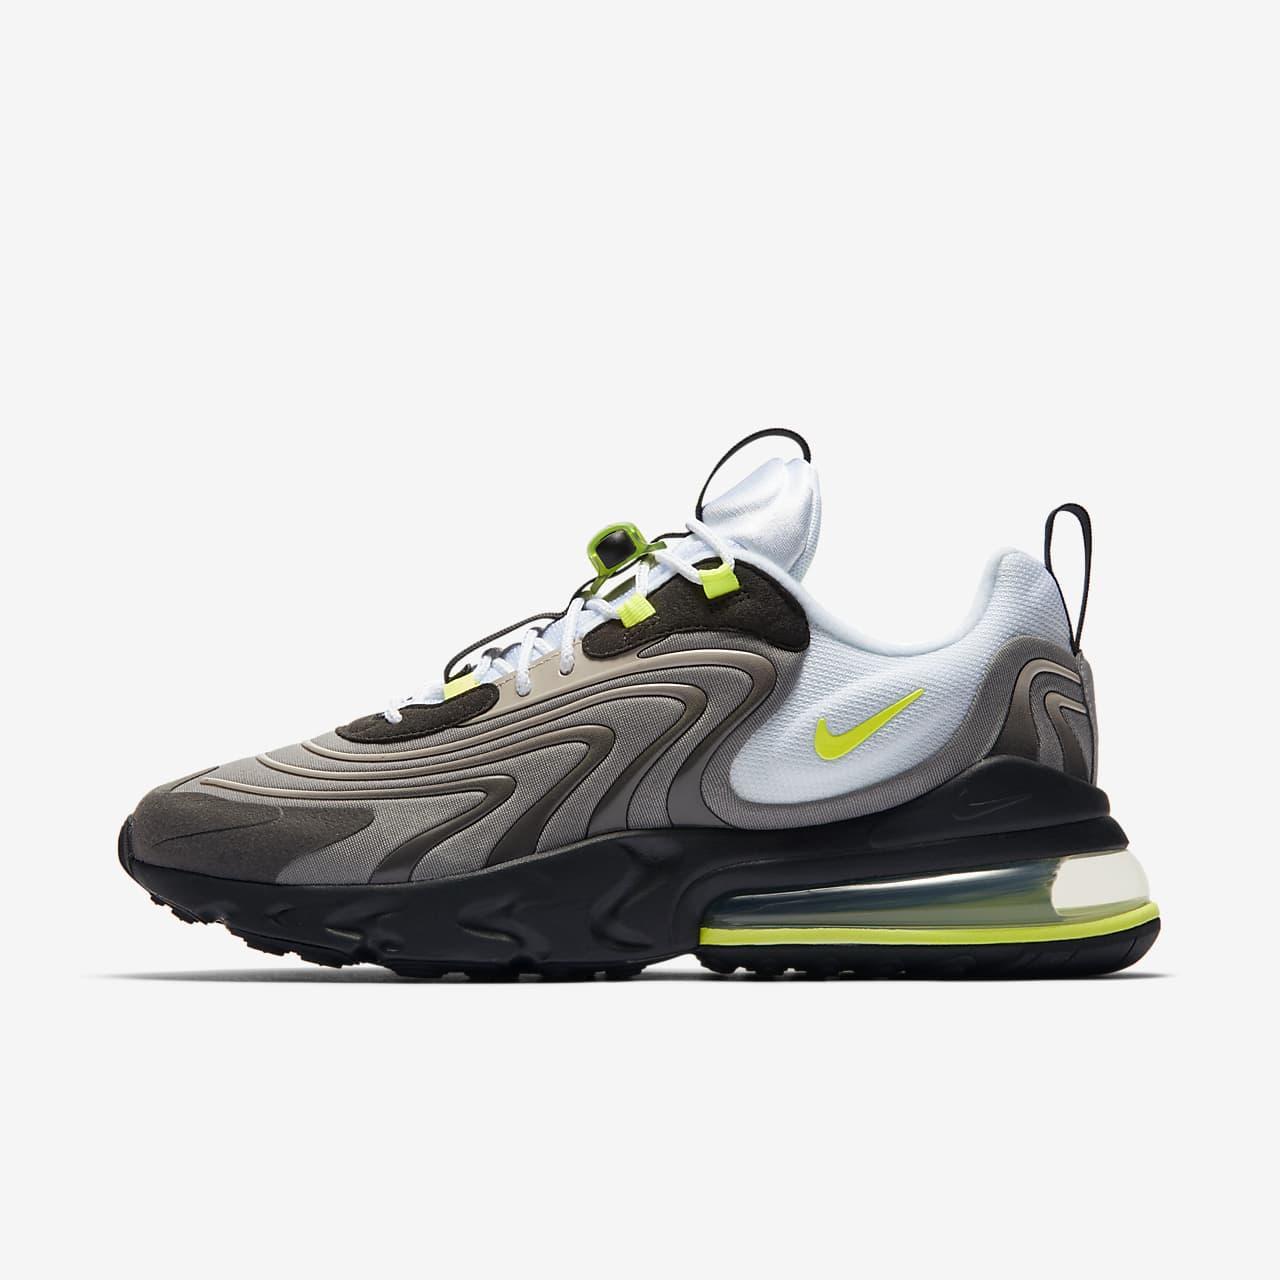 Nike Air Max 270 ENG 男子运动鞋